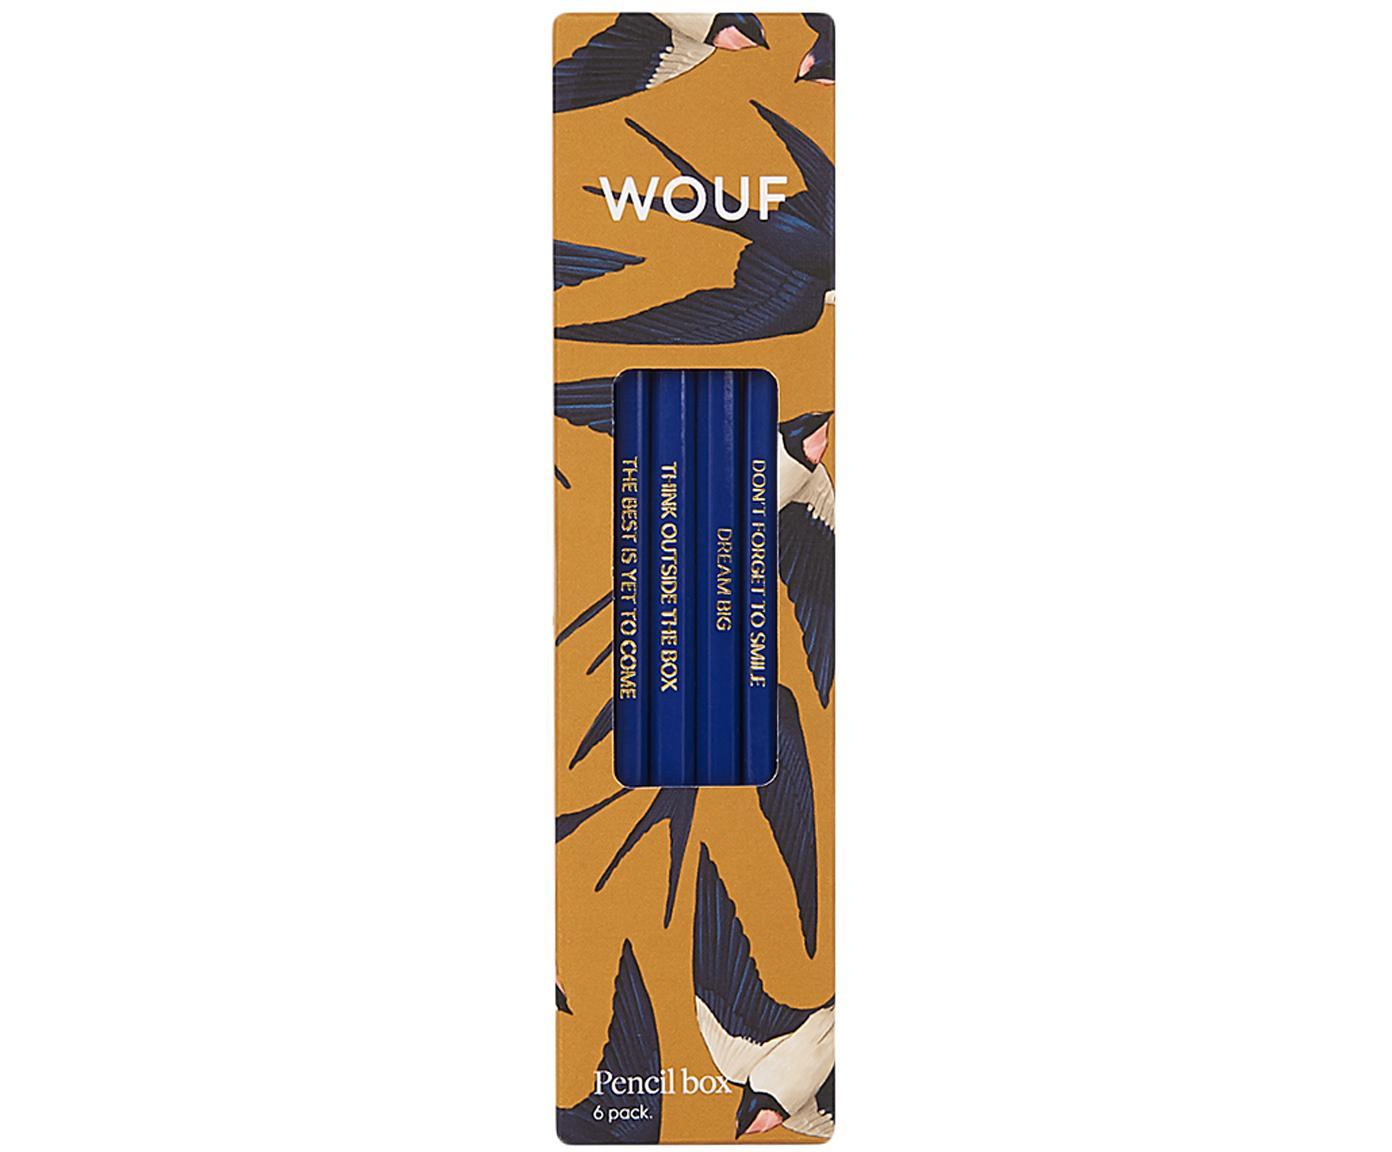 Komplet ołówków Swallow, 6 elem., Drewno naturalne, Żółty, niebieski, beżowy, S 18 x W 5 cm